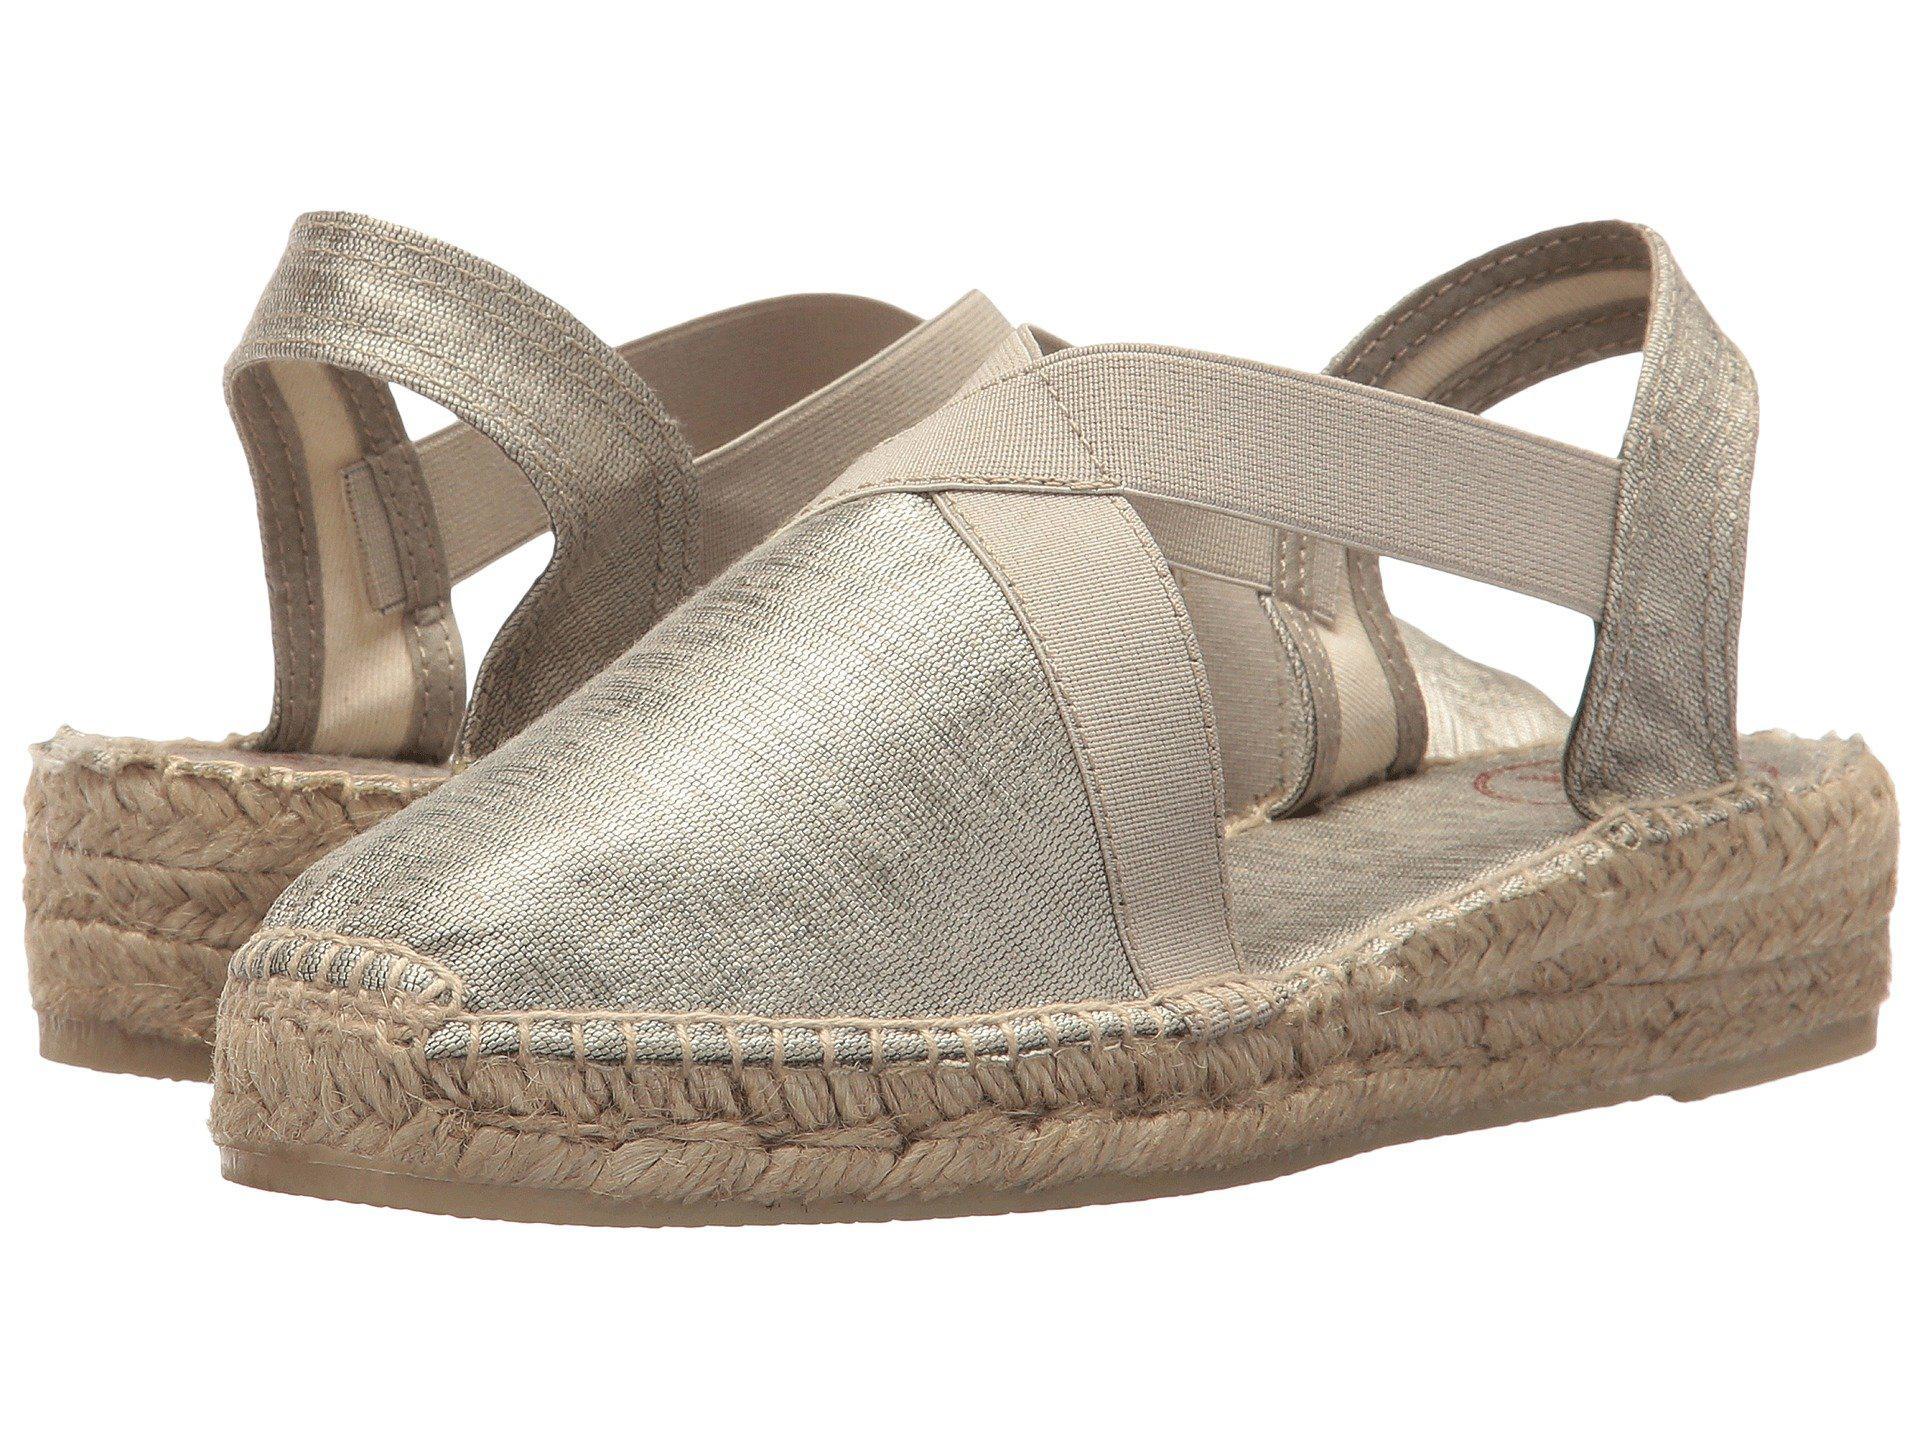 0c00bda7e95 Lyst - Toni Pons Vic (navy Sedavi) Women's Shoes